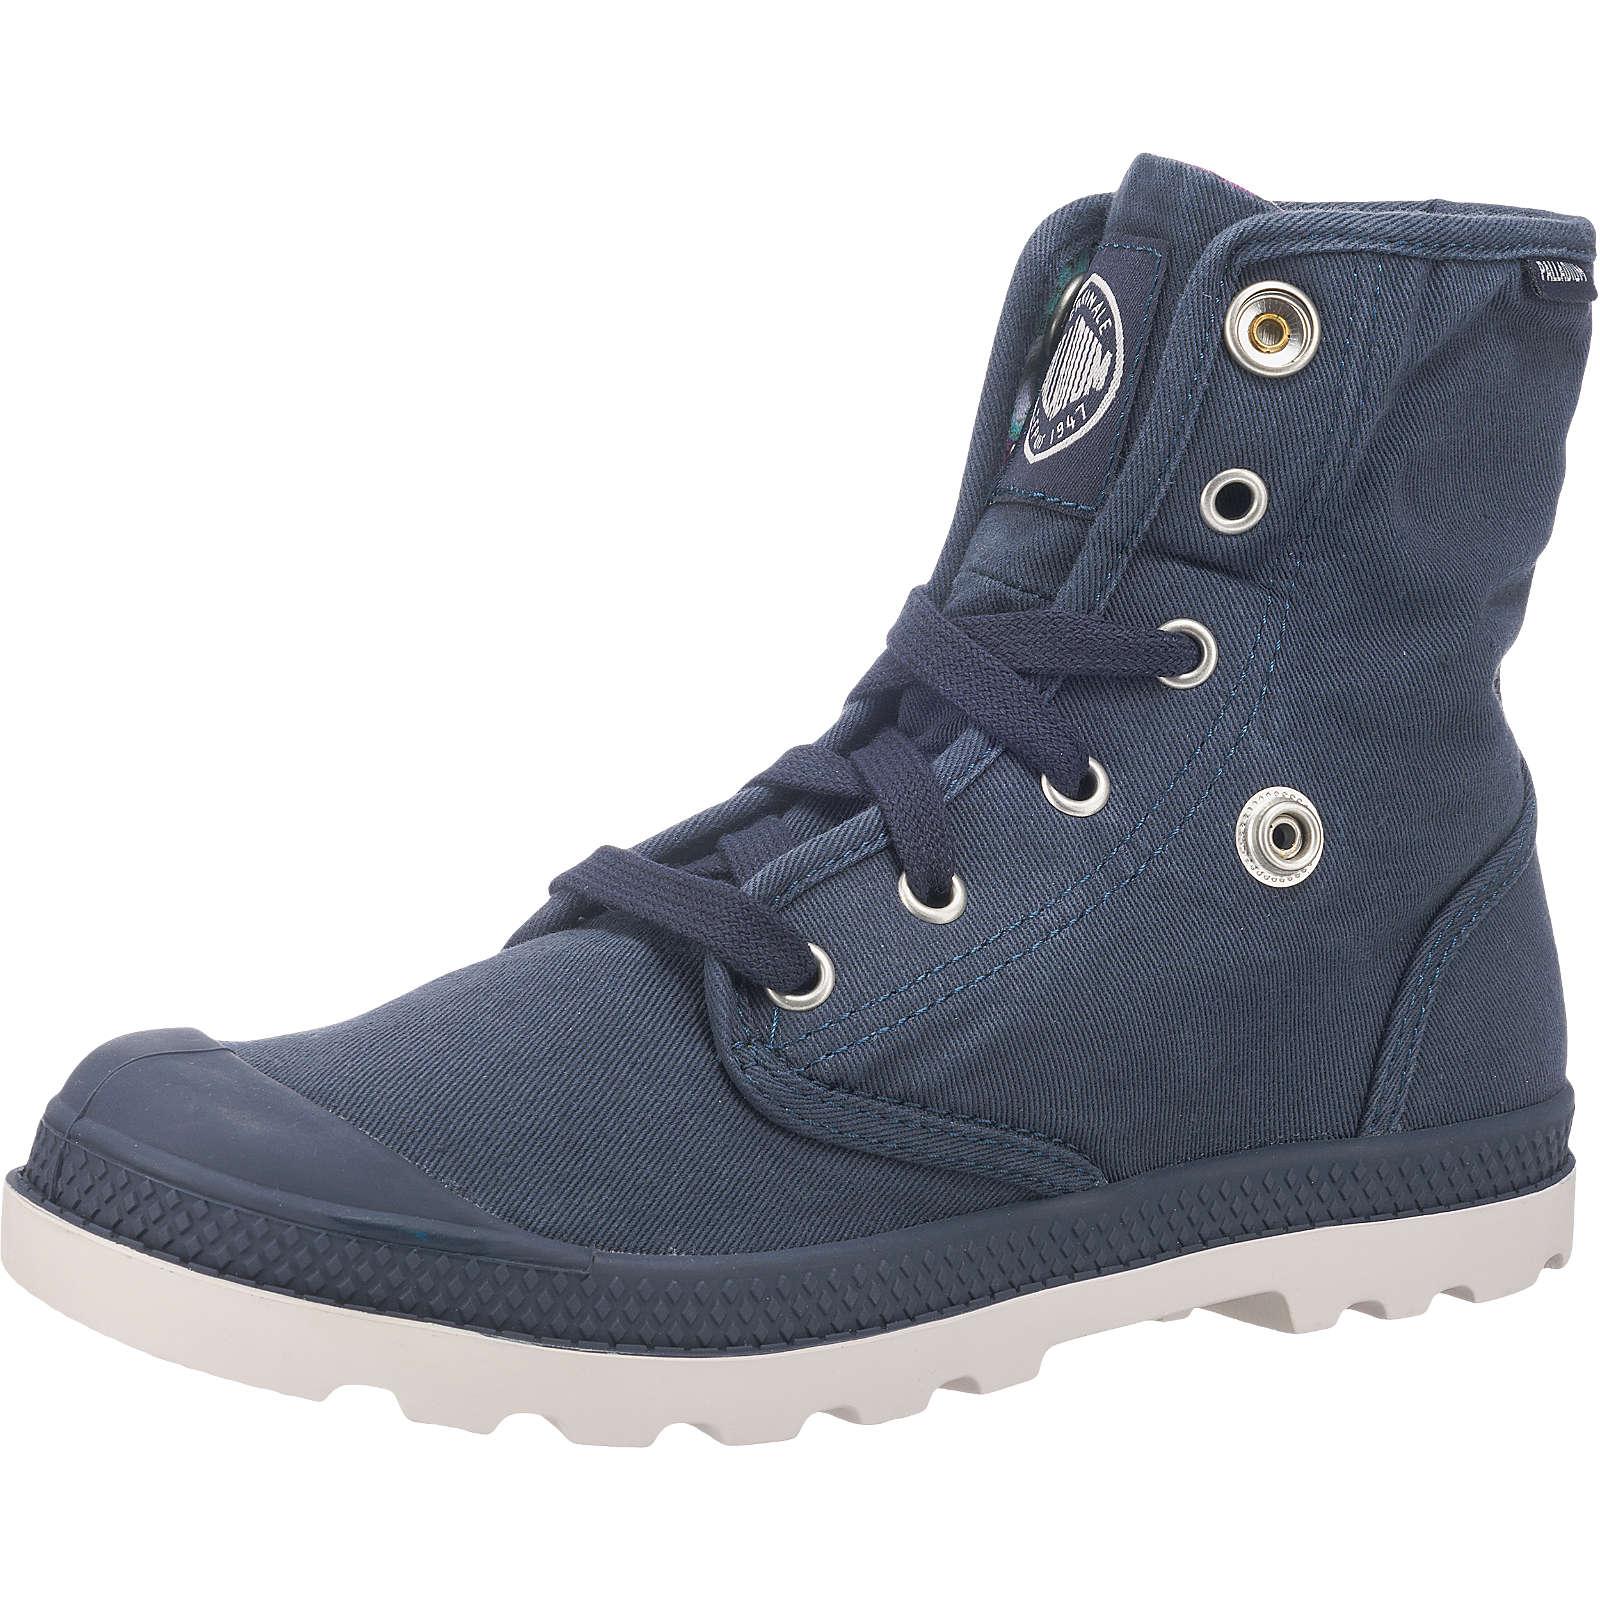 Palladium Baggy Low Lp Tw P Sneakers dunkelblau Damen Gr. 36